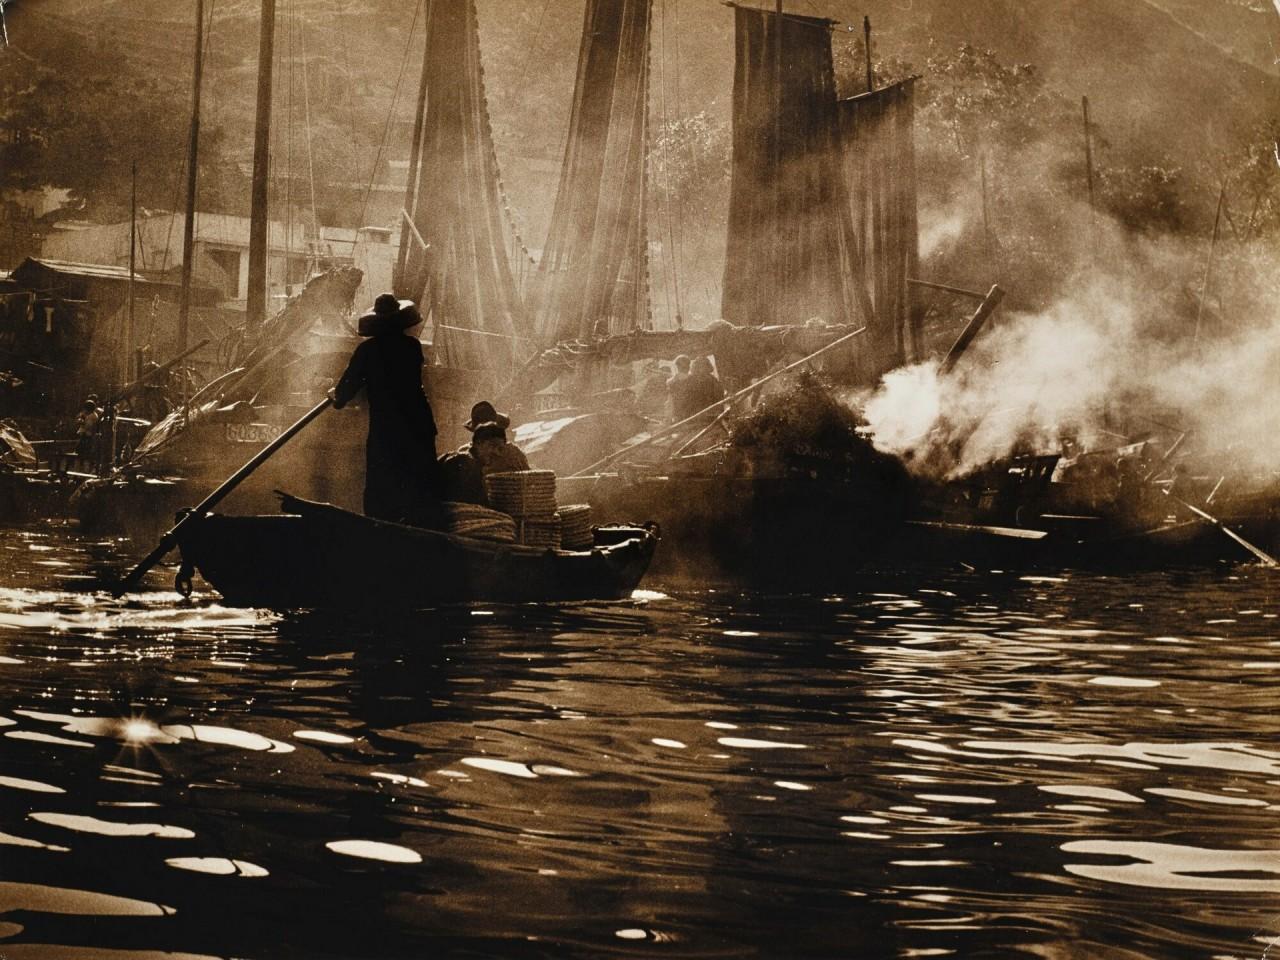 Рыбацкая гавань, Гонконг, 1961. Автор Фан Хо